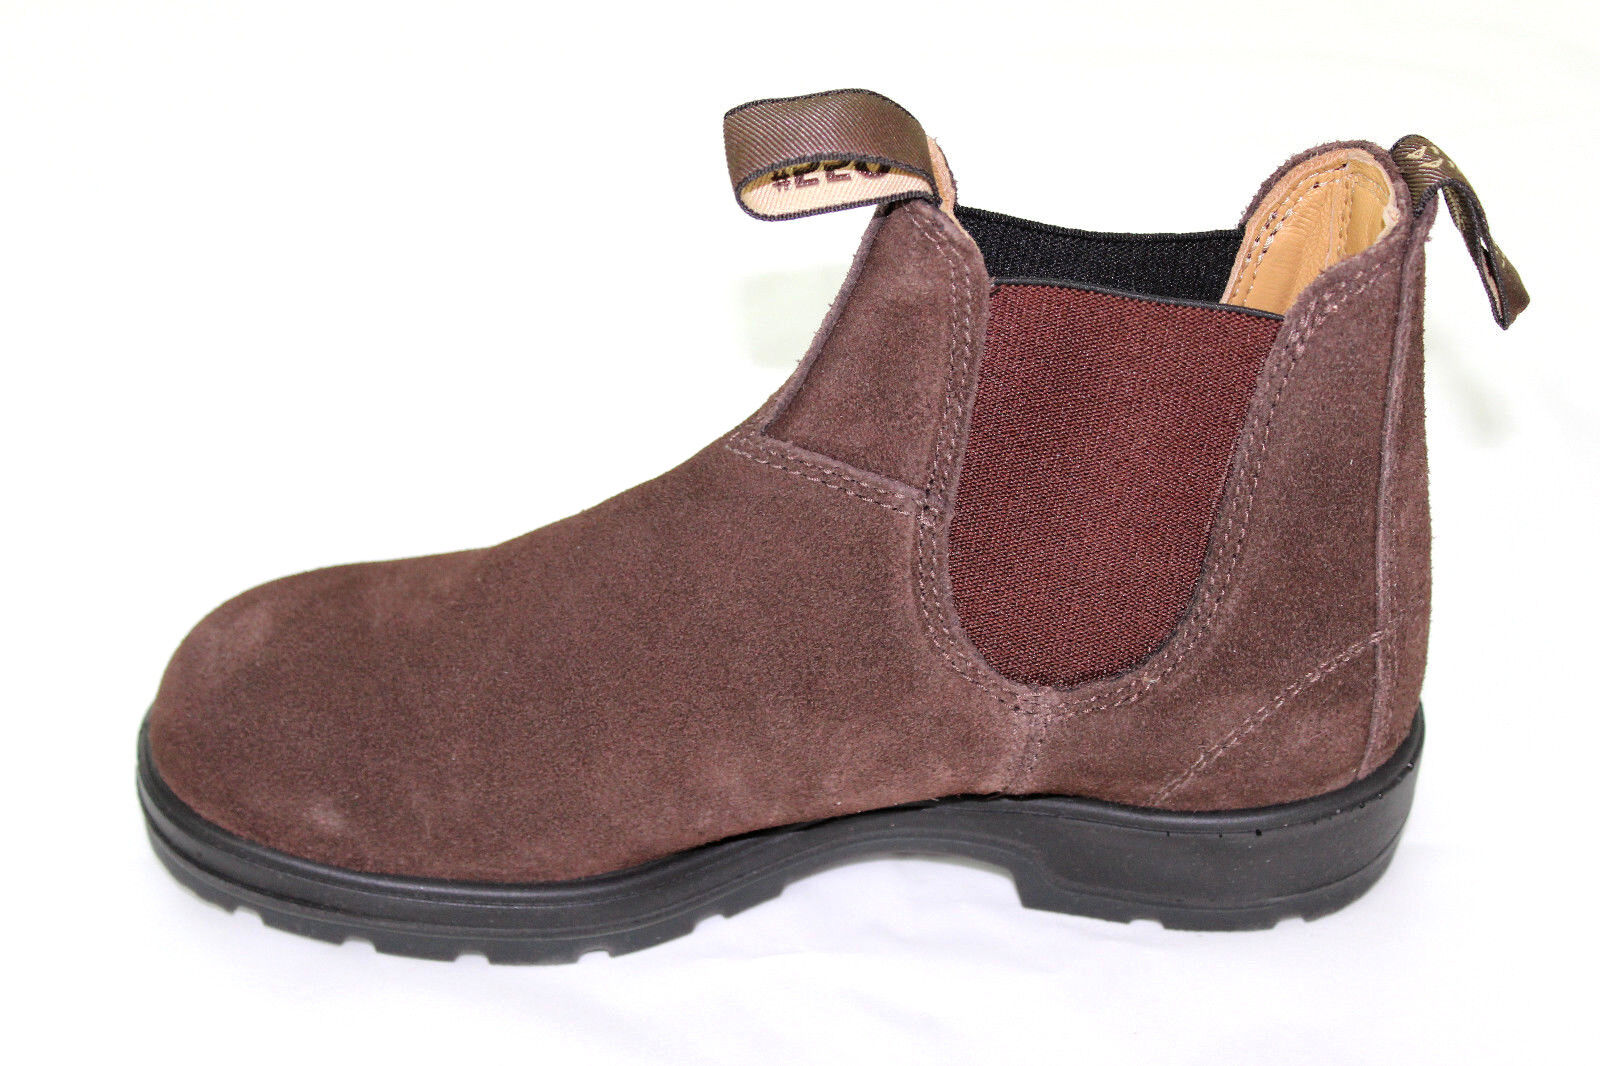 azulndstone zapatos Qualiyty Contort Estilo 557 Dark Marrón BCCAL0077 IT